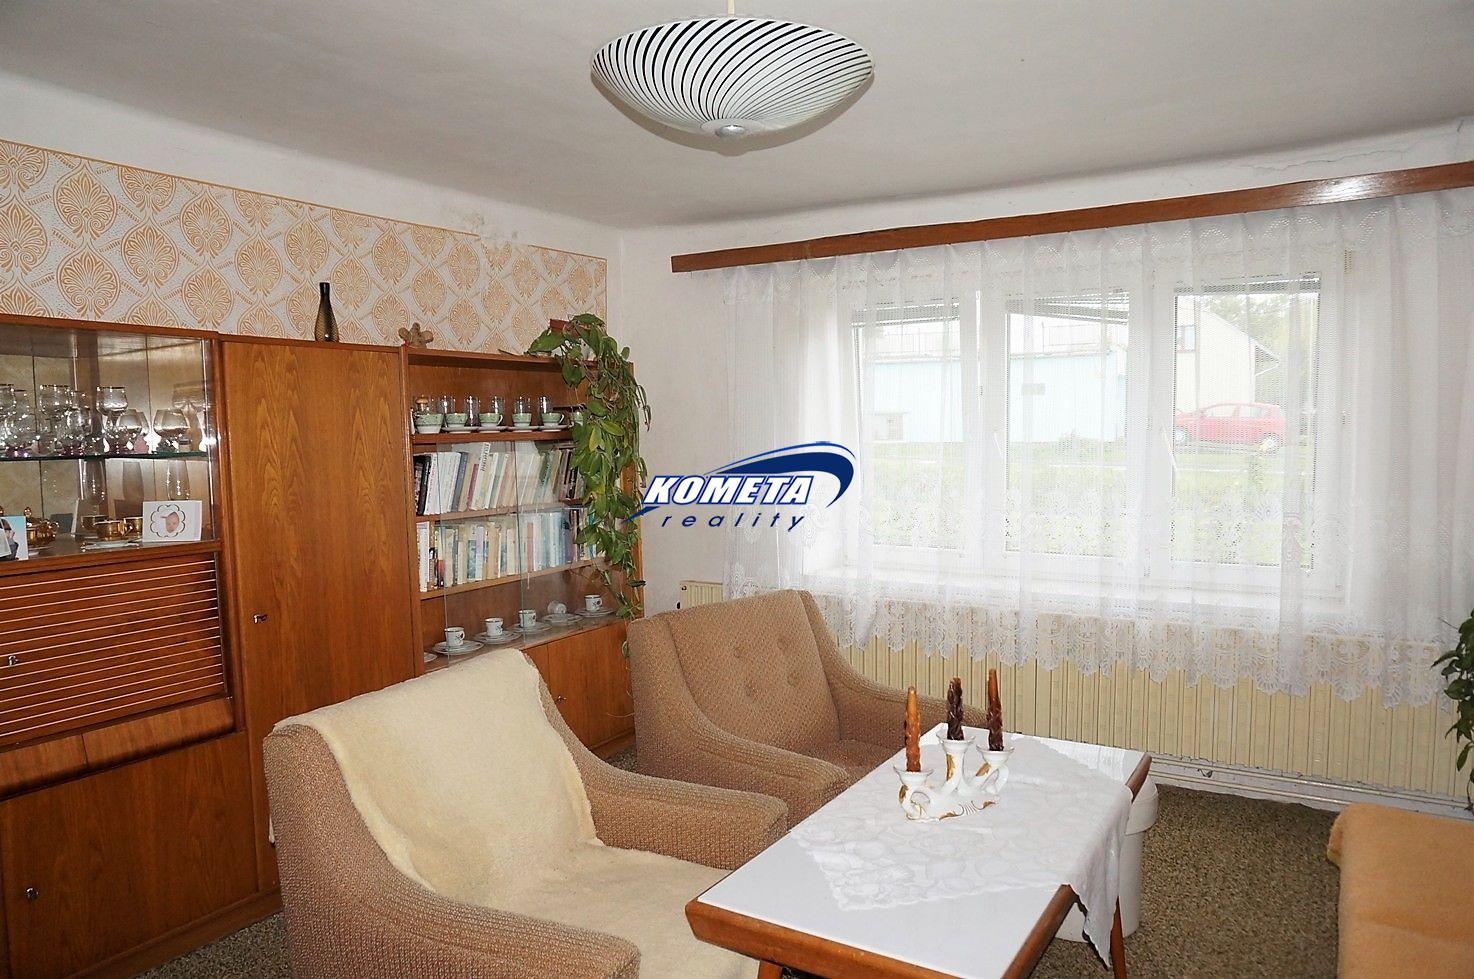 Prodej rodinného domu 120 m2, pozemek 357 m2